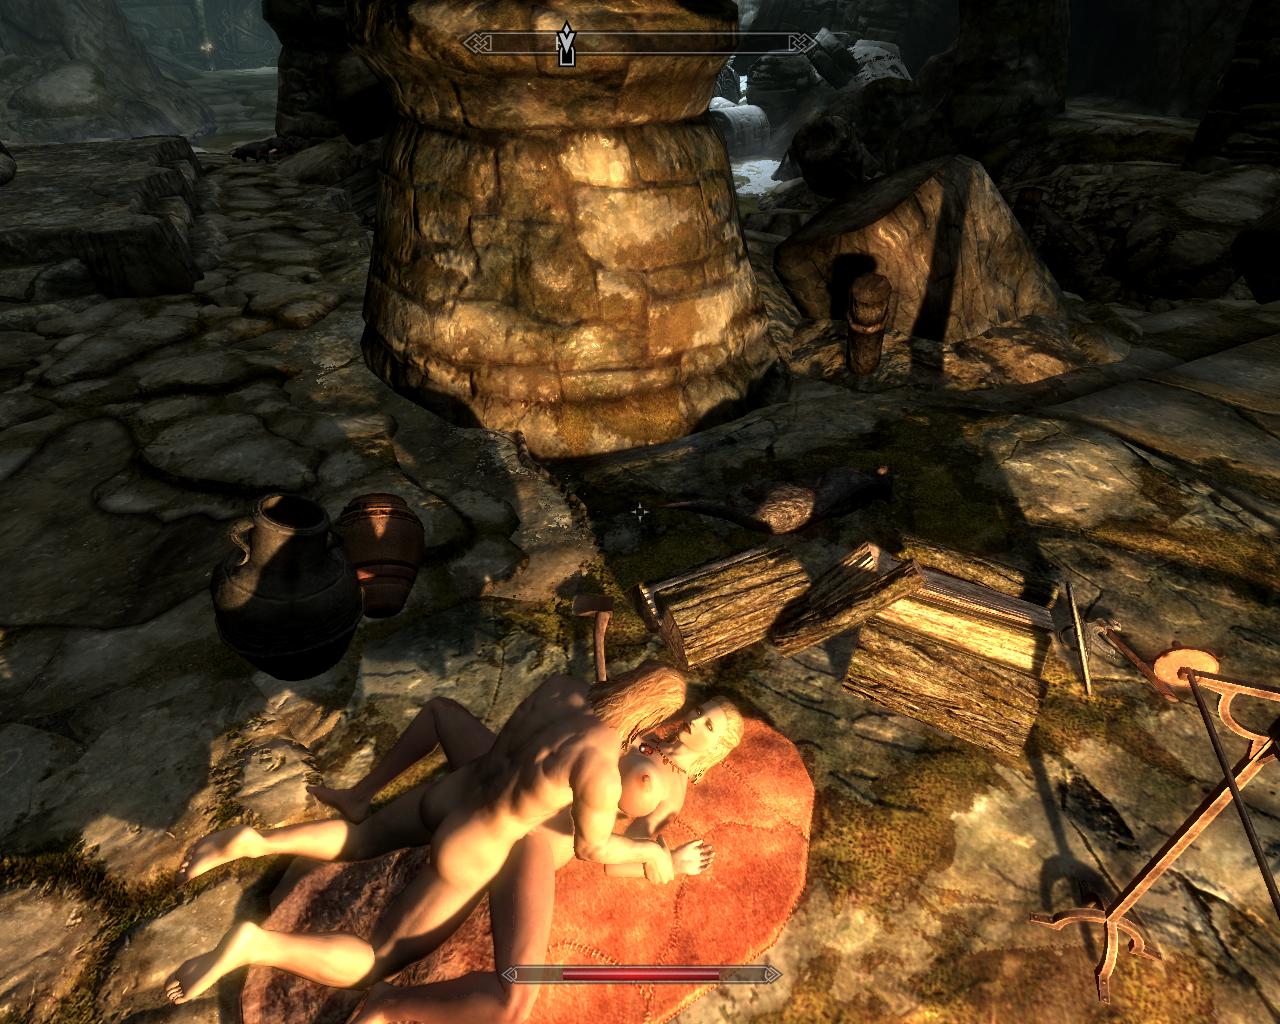 Прохождение skyrim legend edition мод занятие сексом видео